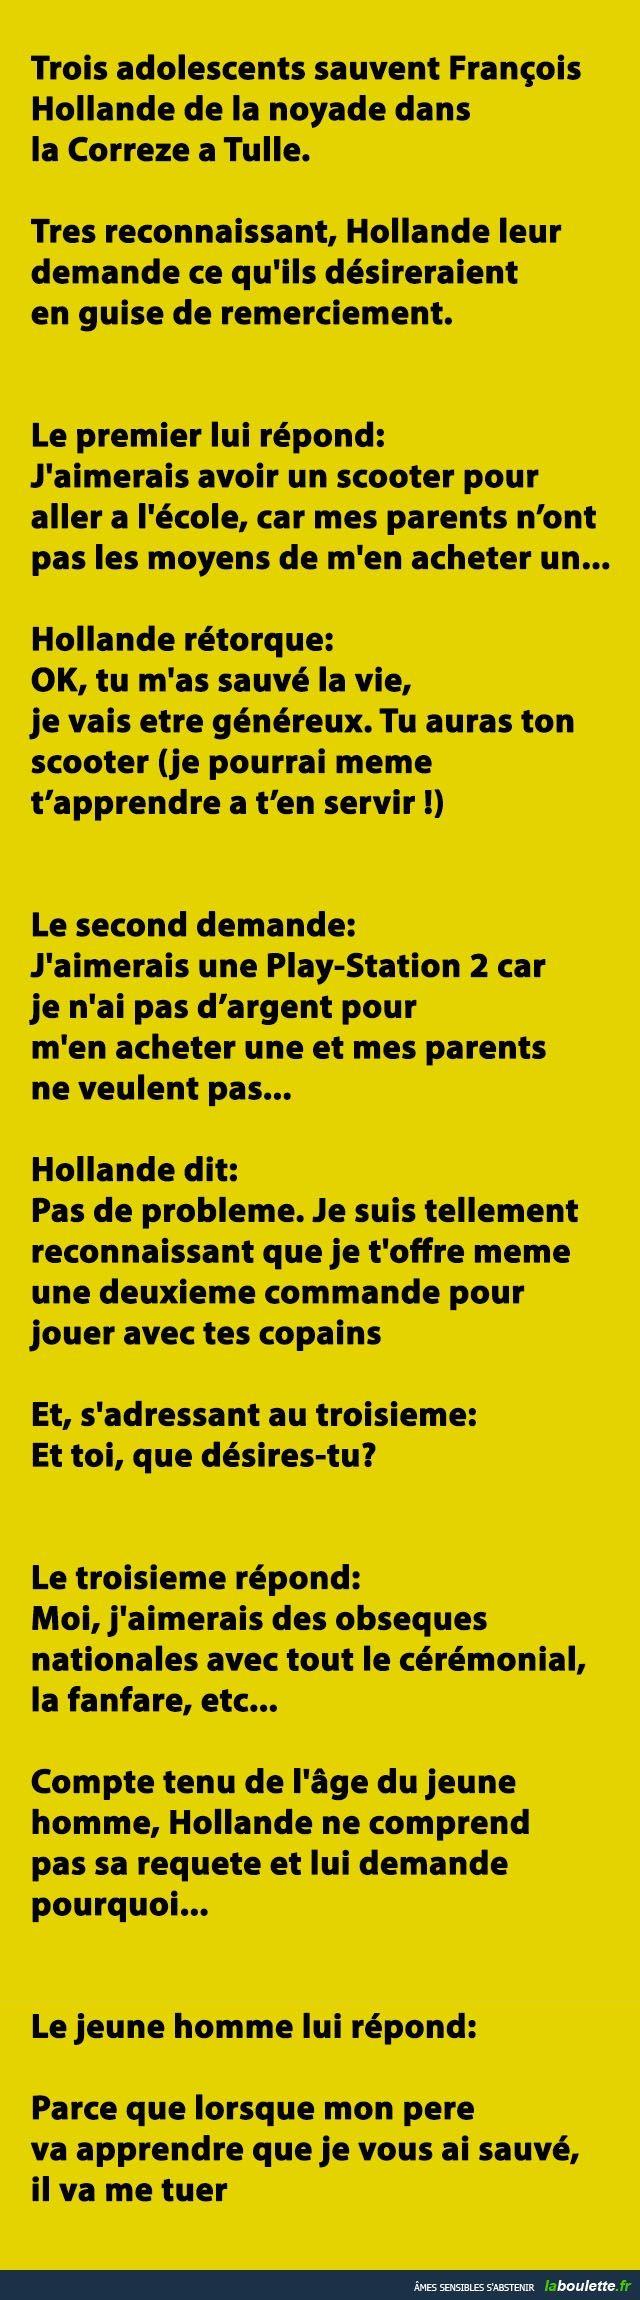 Trois adolescents sauvent François Hollande de la noyade dans la Correze a Tulle... | LABOULETTE.fr - Les meilleures images du net!